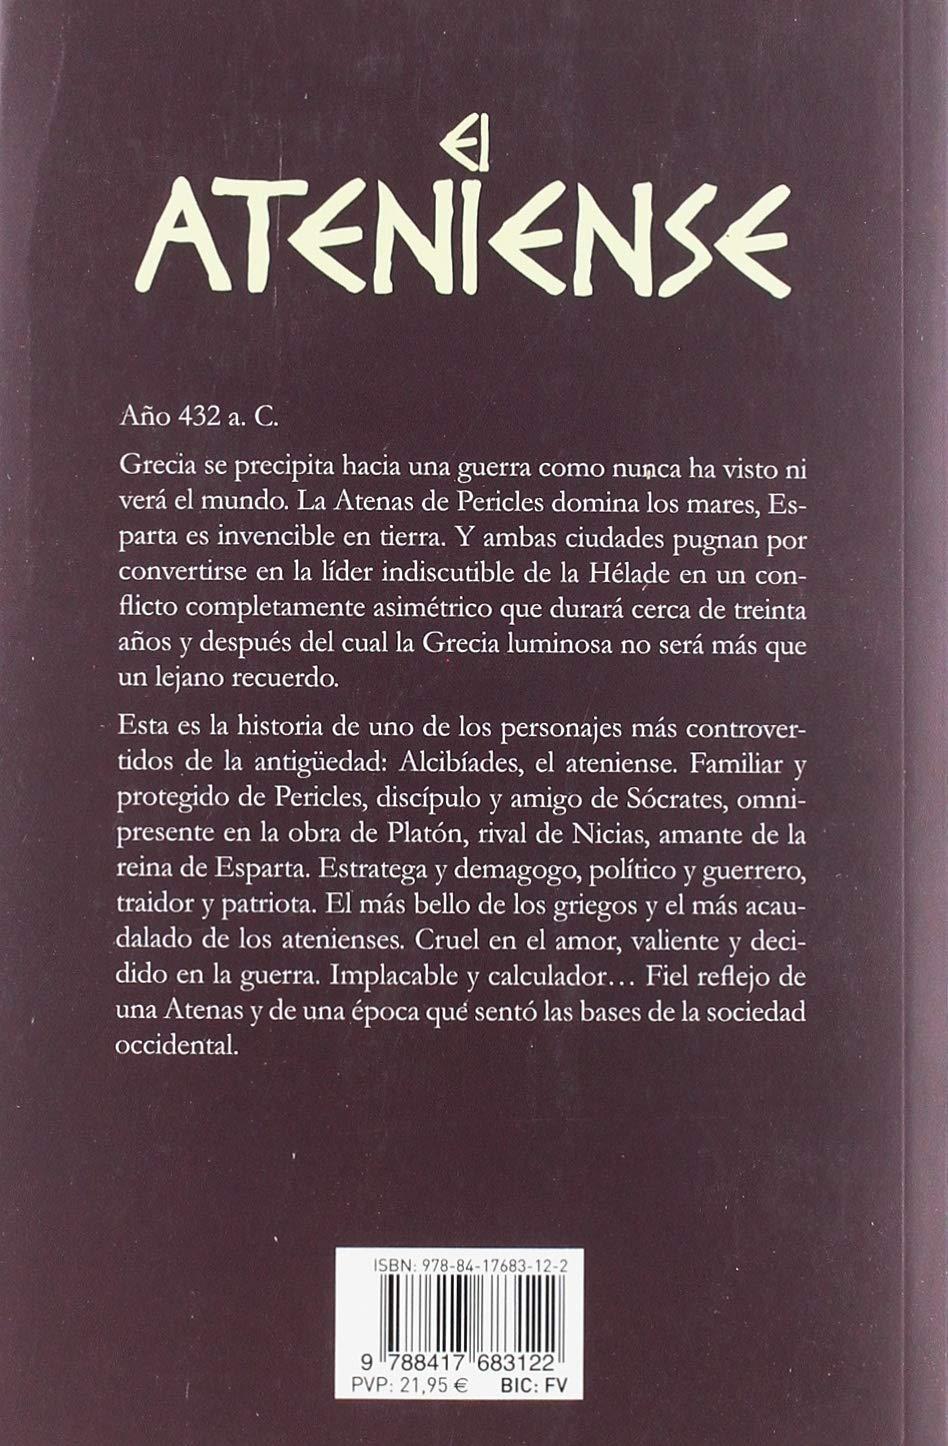 El ateniense (Histórica): Amazon.es: Santamaría Fernández, Pedro: Libros